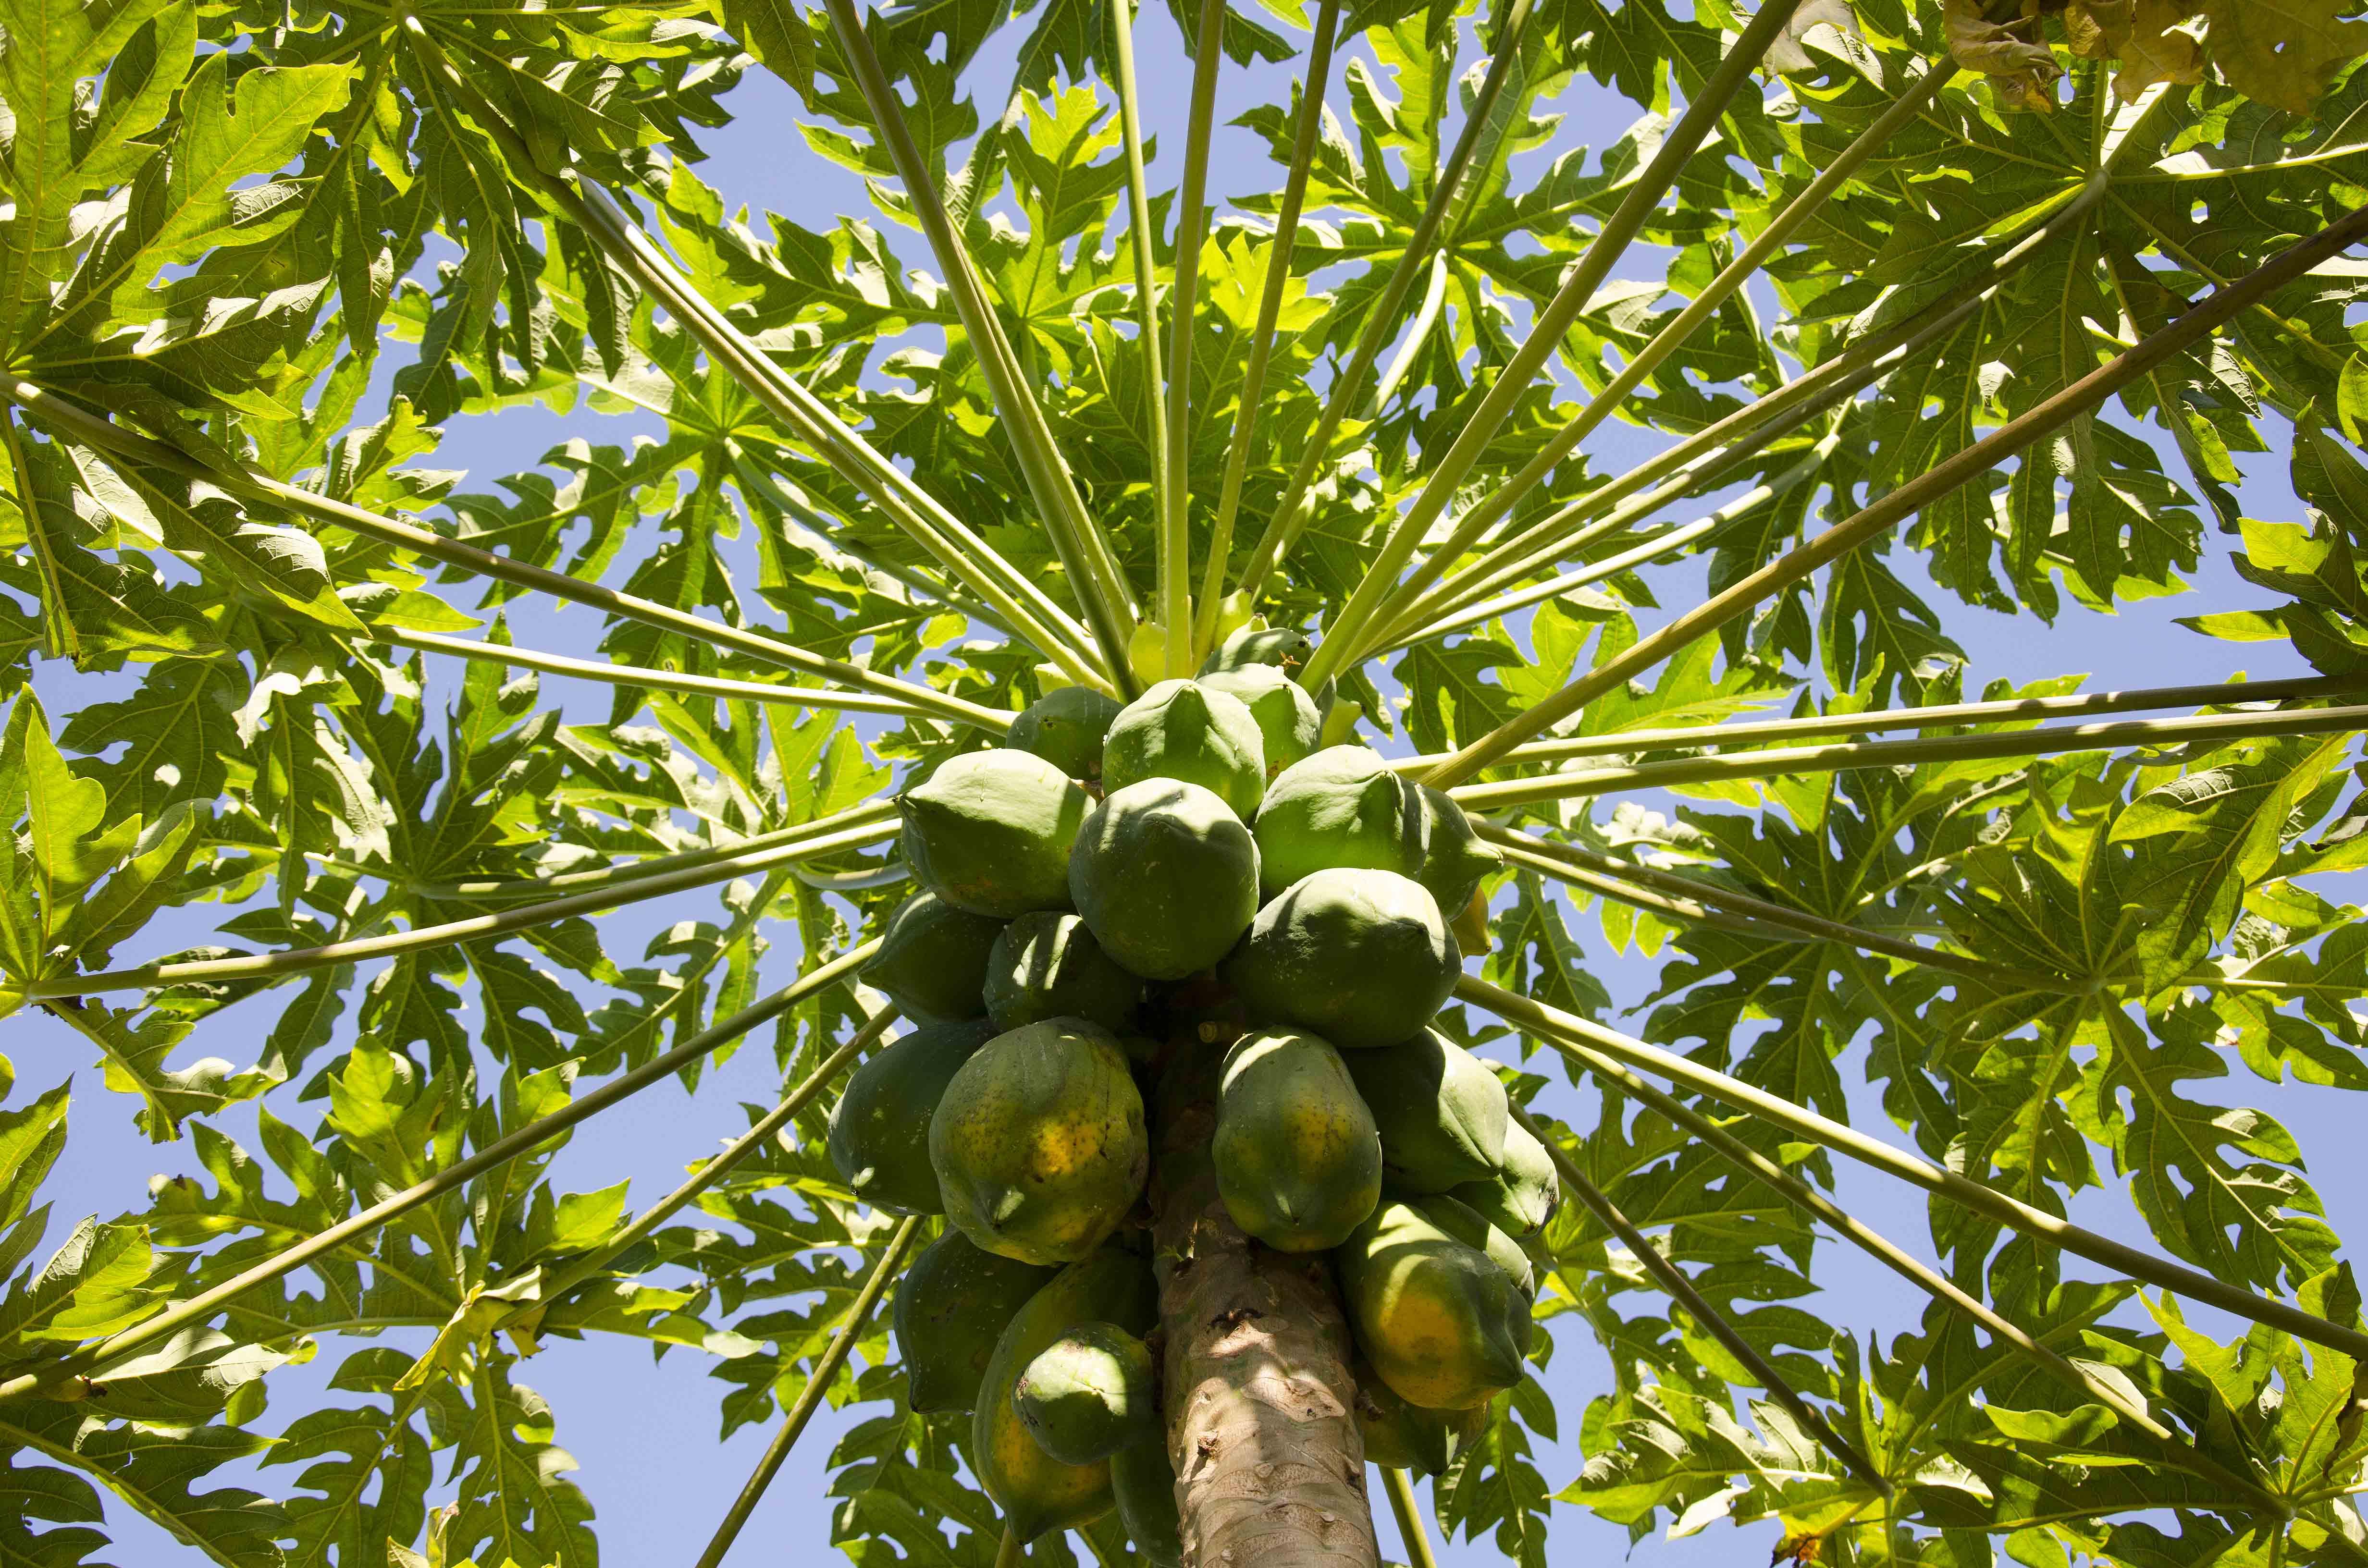 Auntie Moneira's papayas